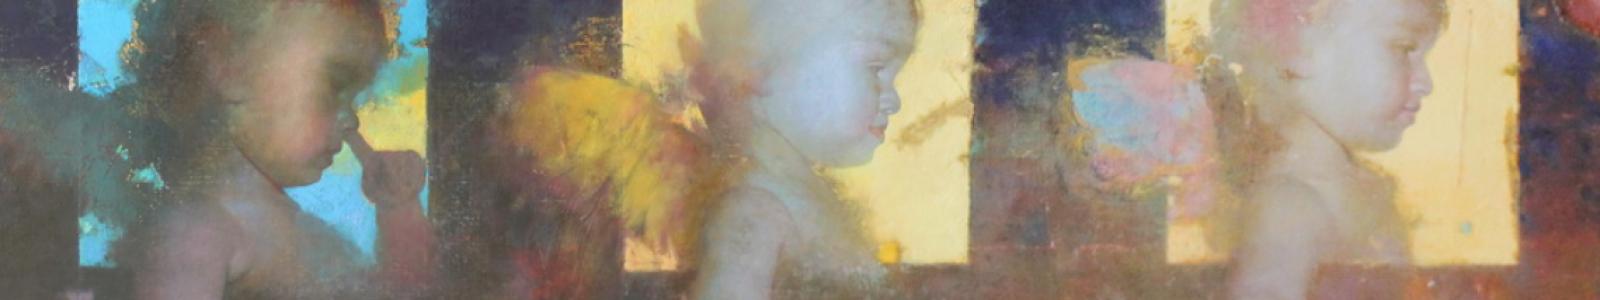 Gallery Painter Andrej Reviakou